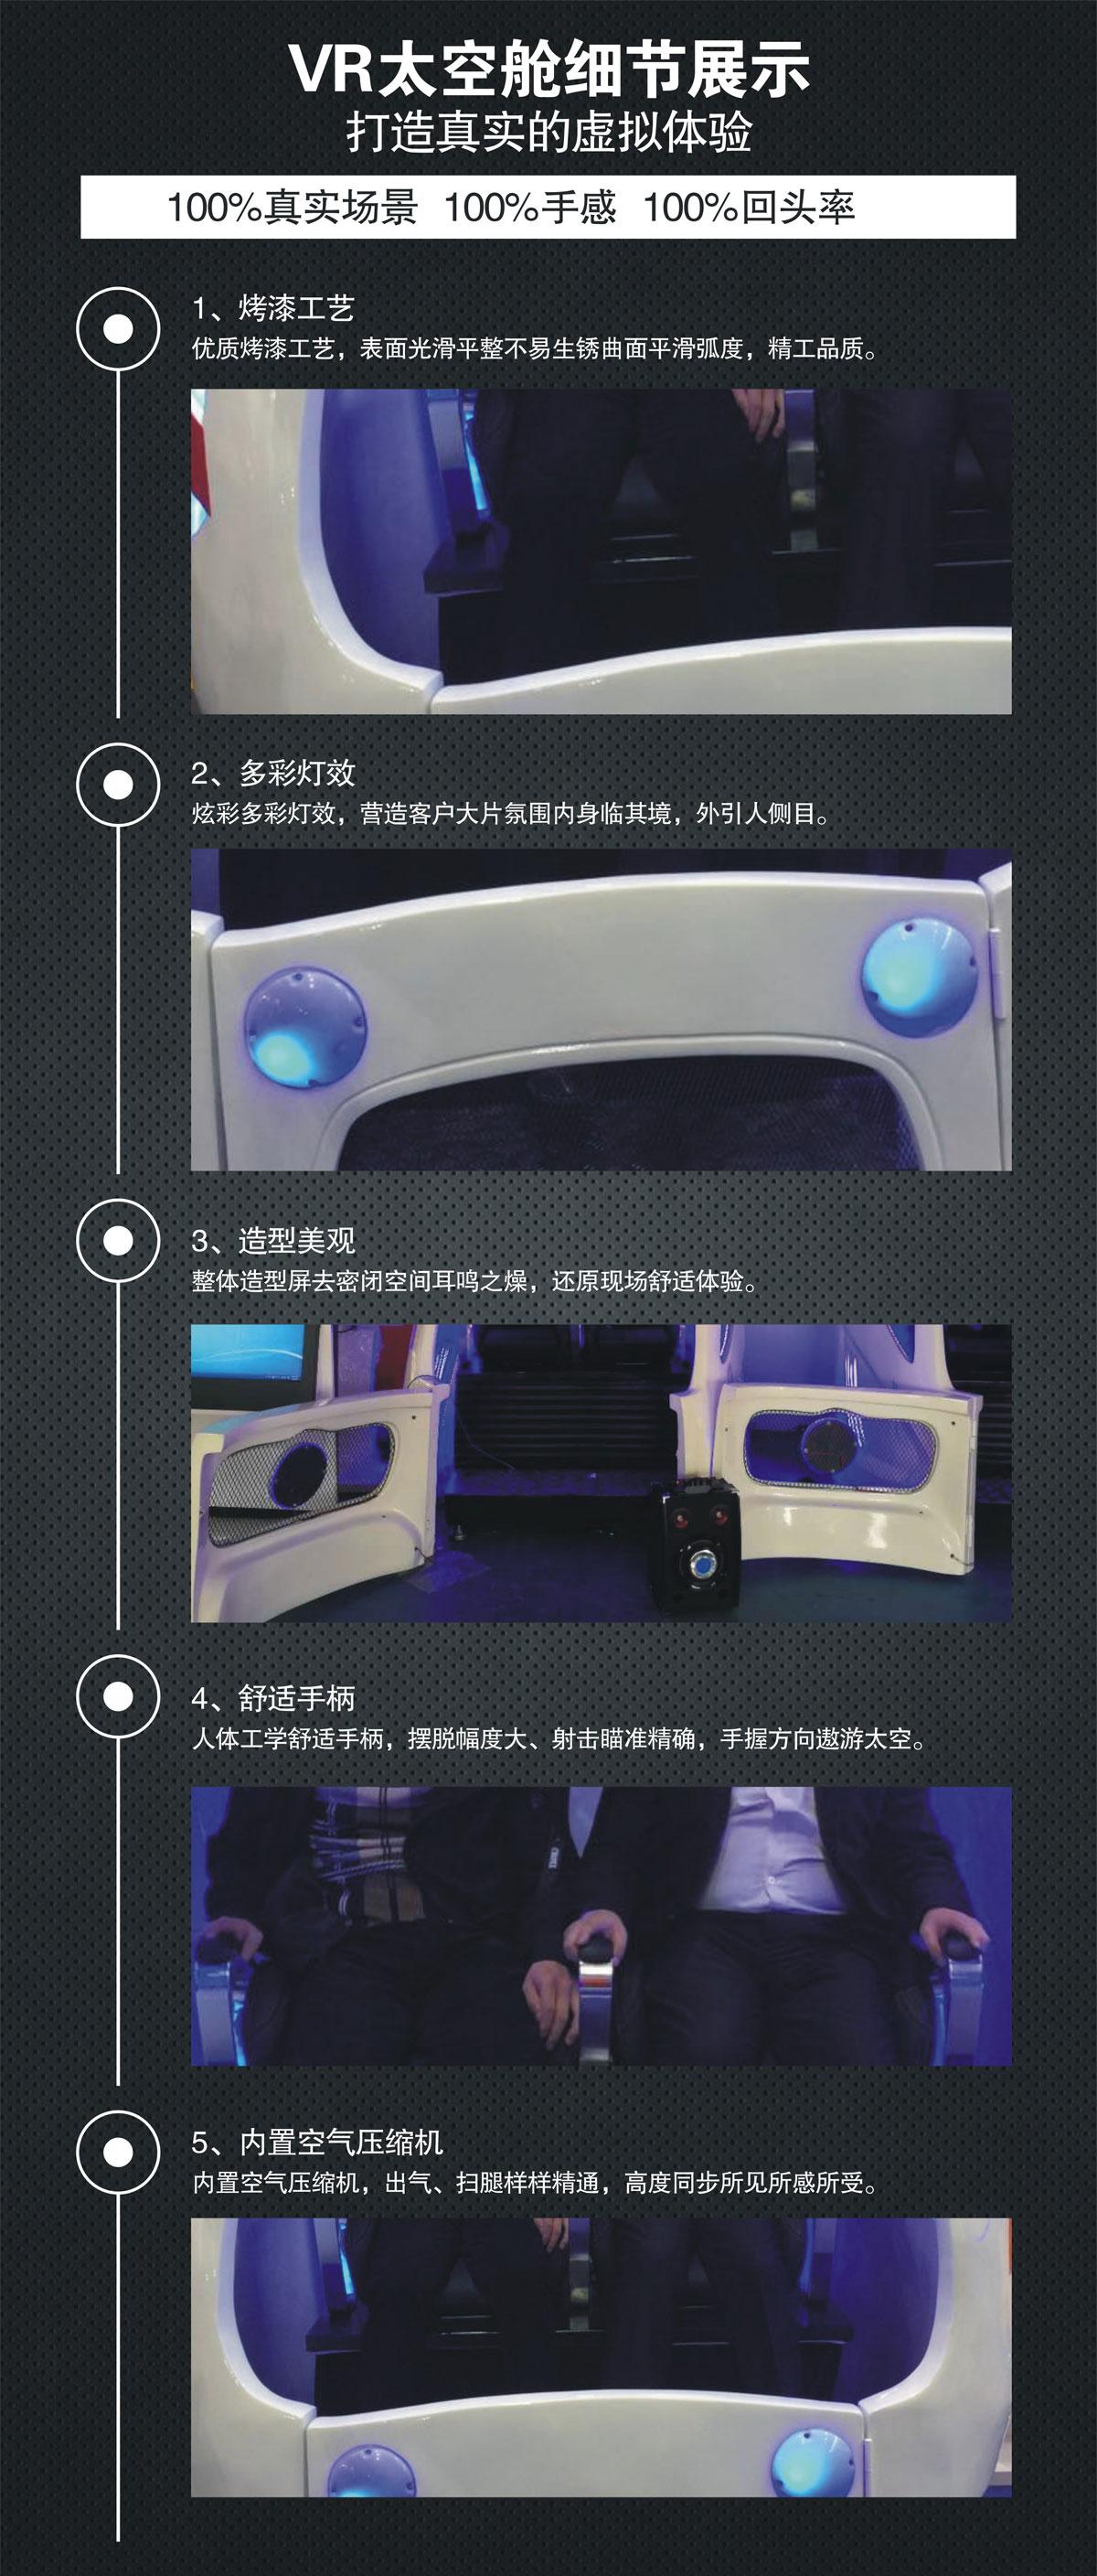 安全体验VR太空舱细节展示.jpg